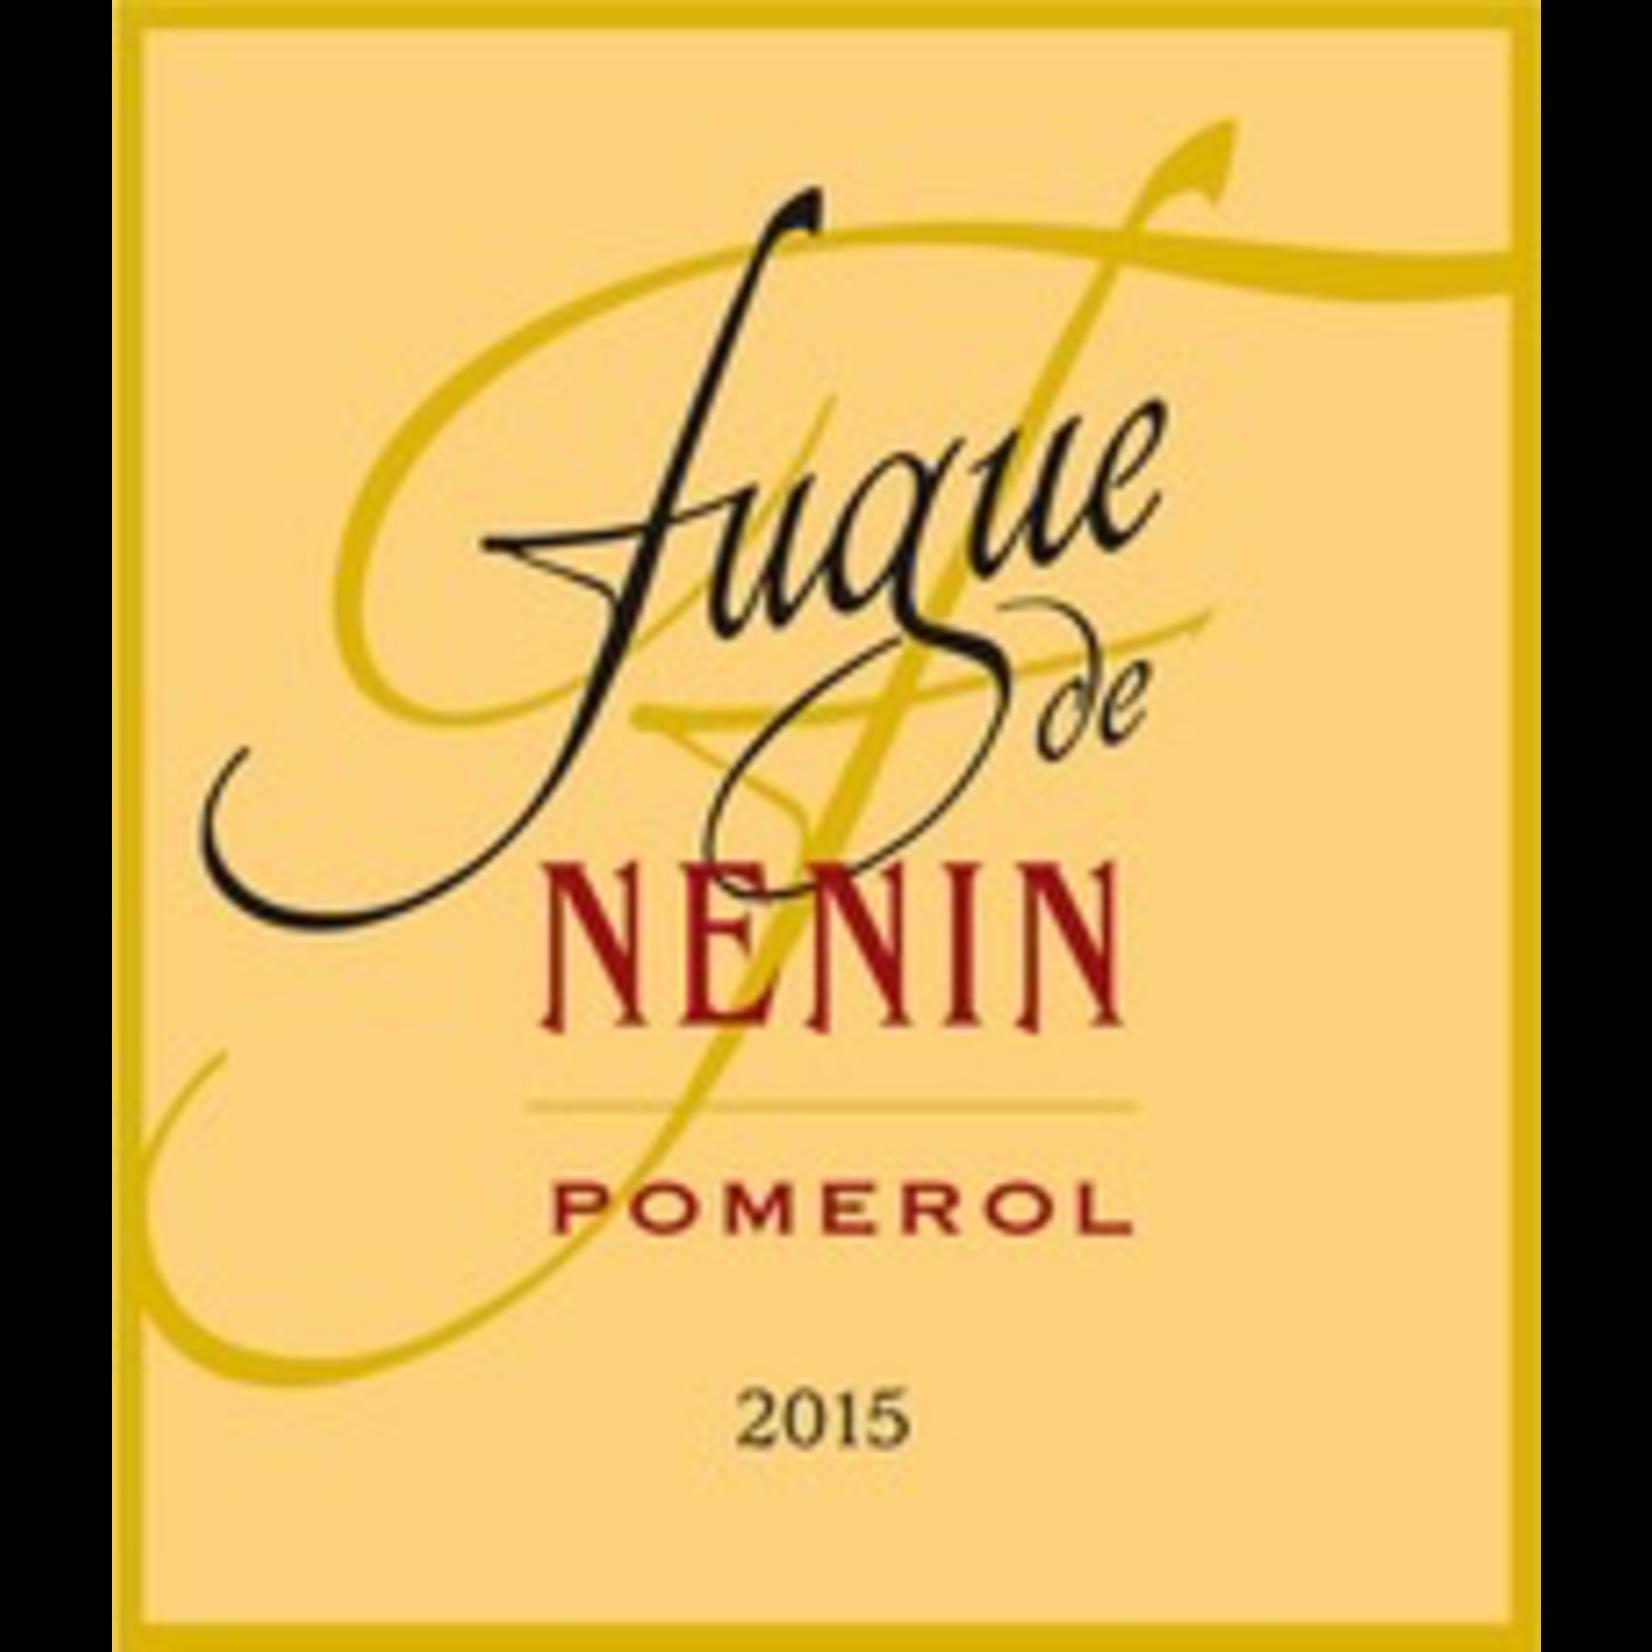 Wine Fugue de Nenin 2018